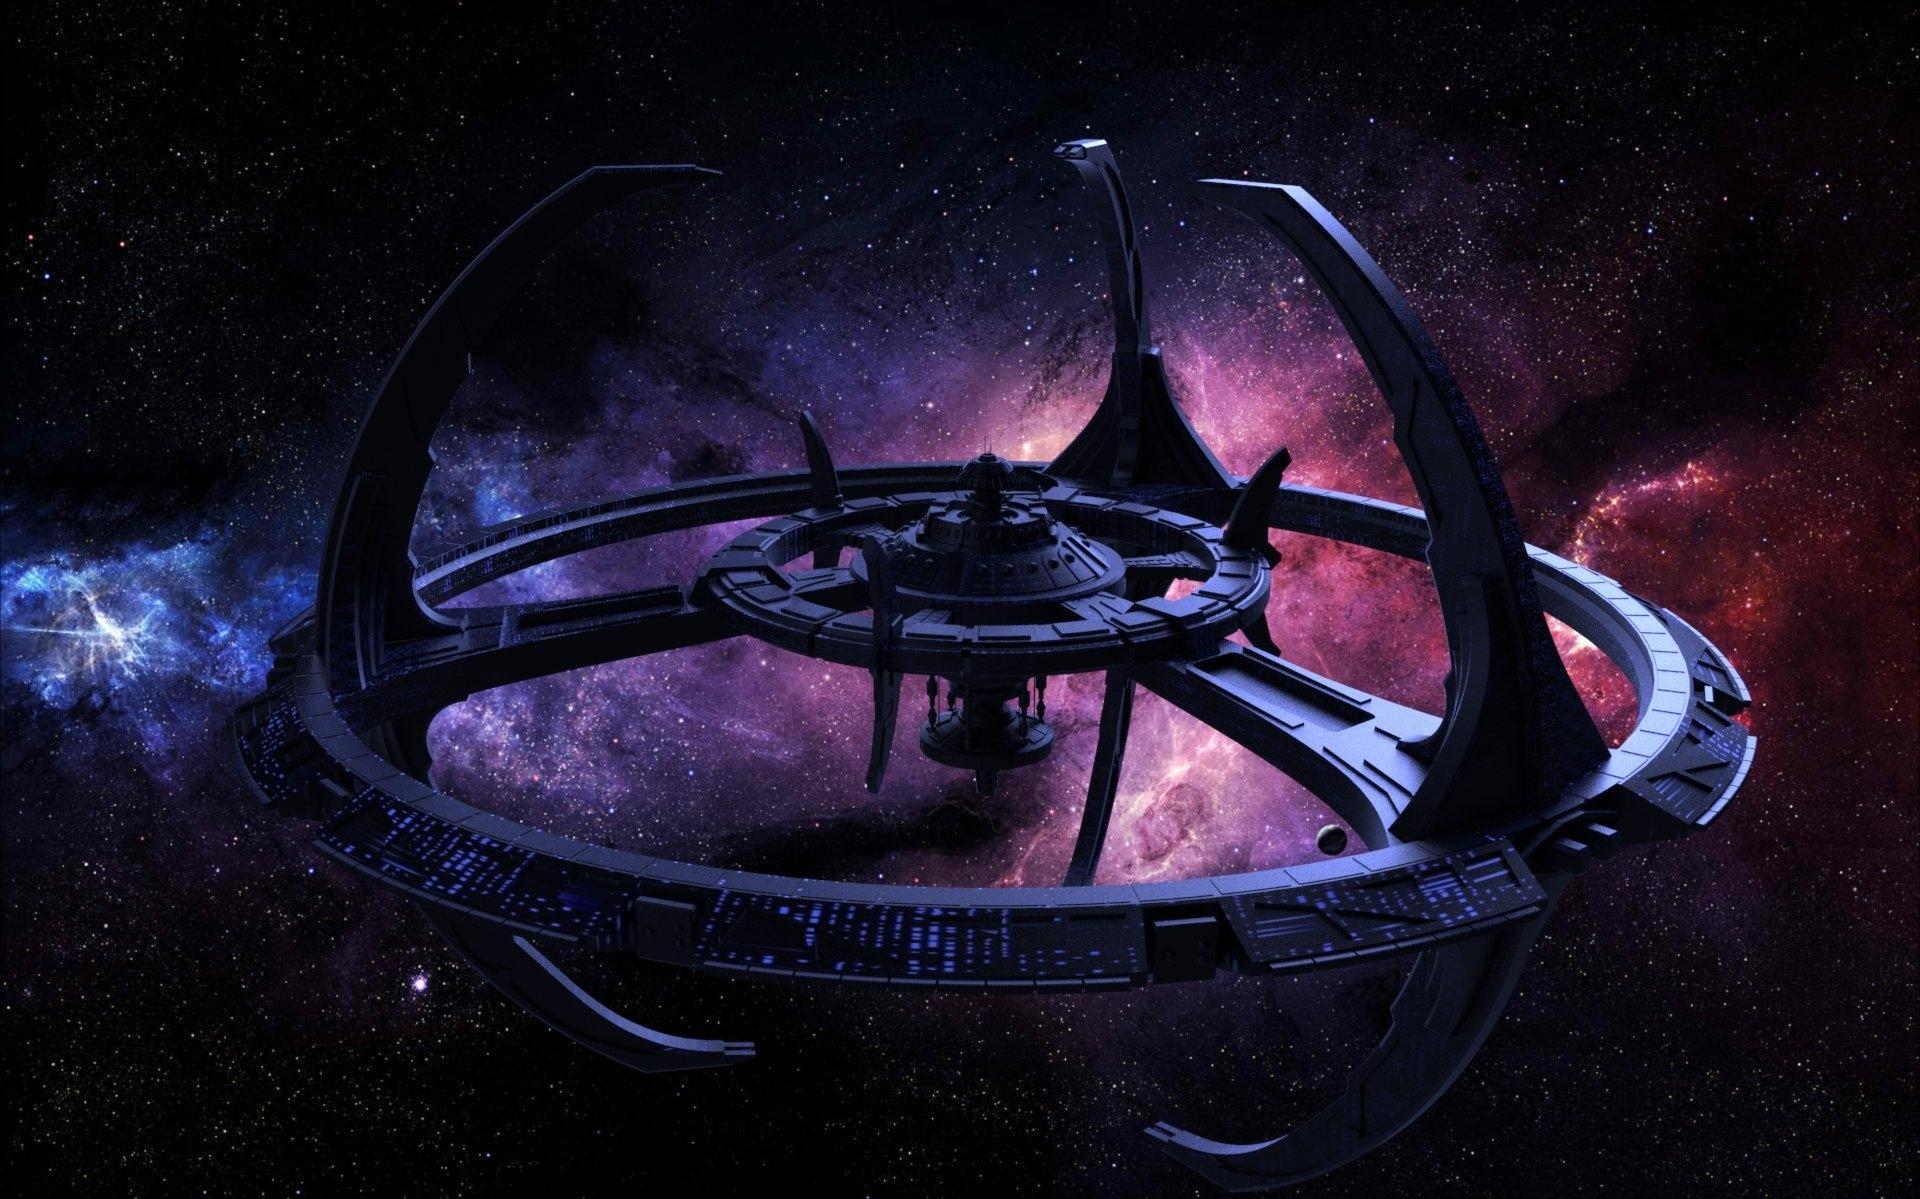 star trek: deep space nine wallpapers group (95+)